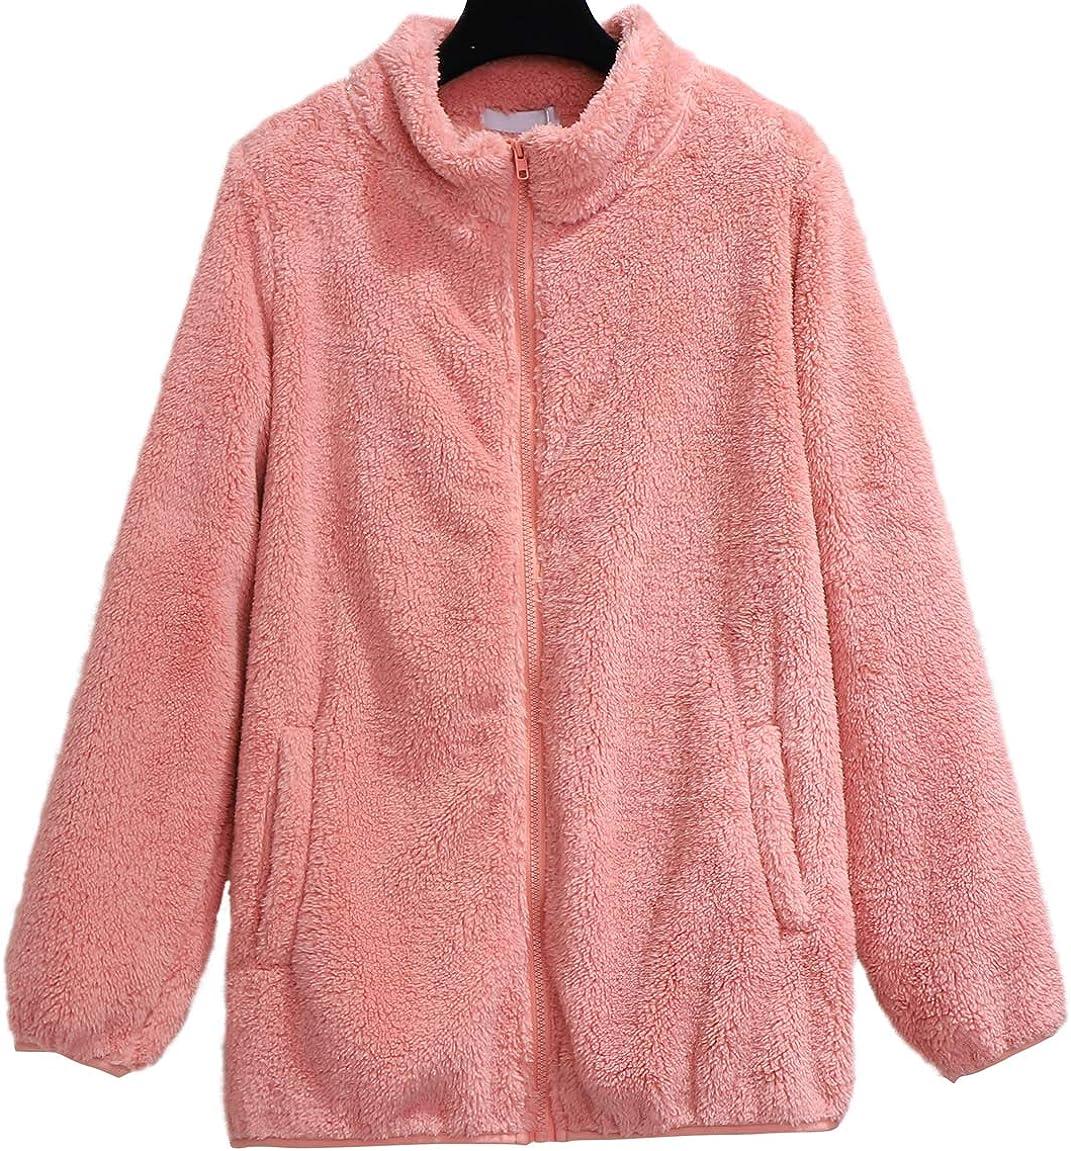 chouyatou Women's Basic Banded Collar Full Zip Plus Size Cozy Sherpa Fleece Sweatshirt Jacket